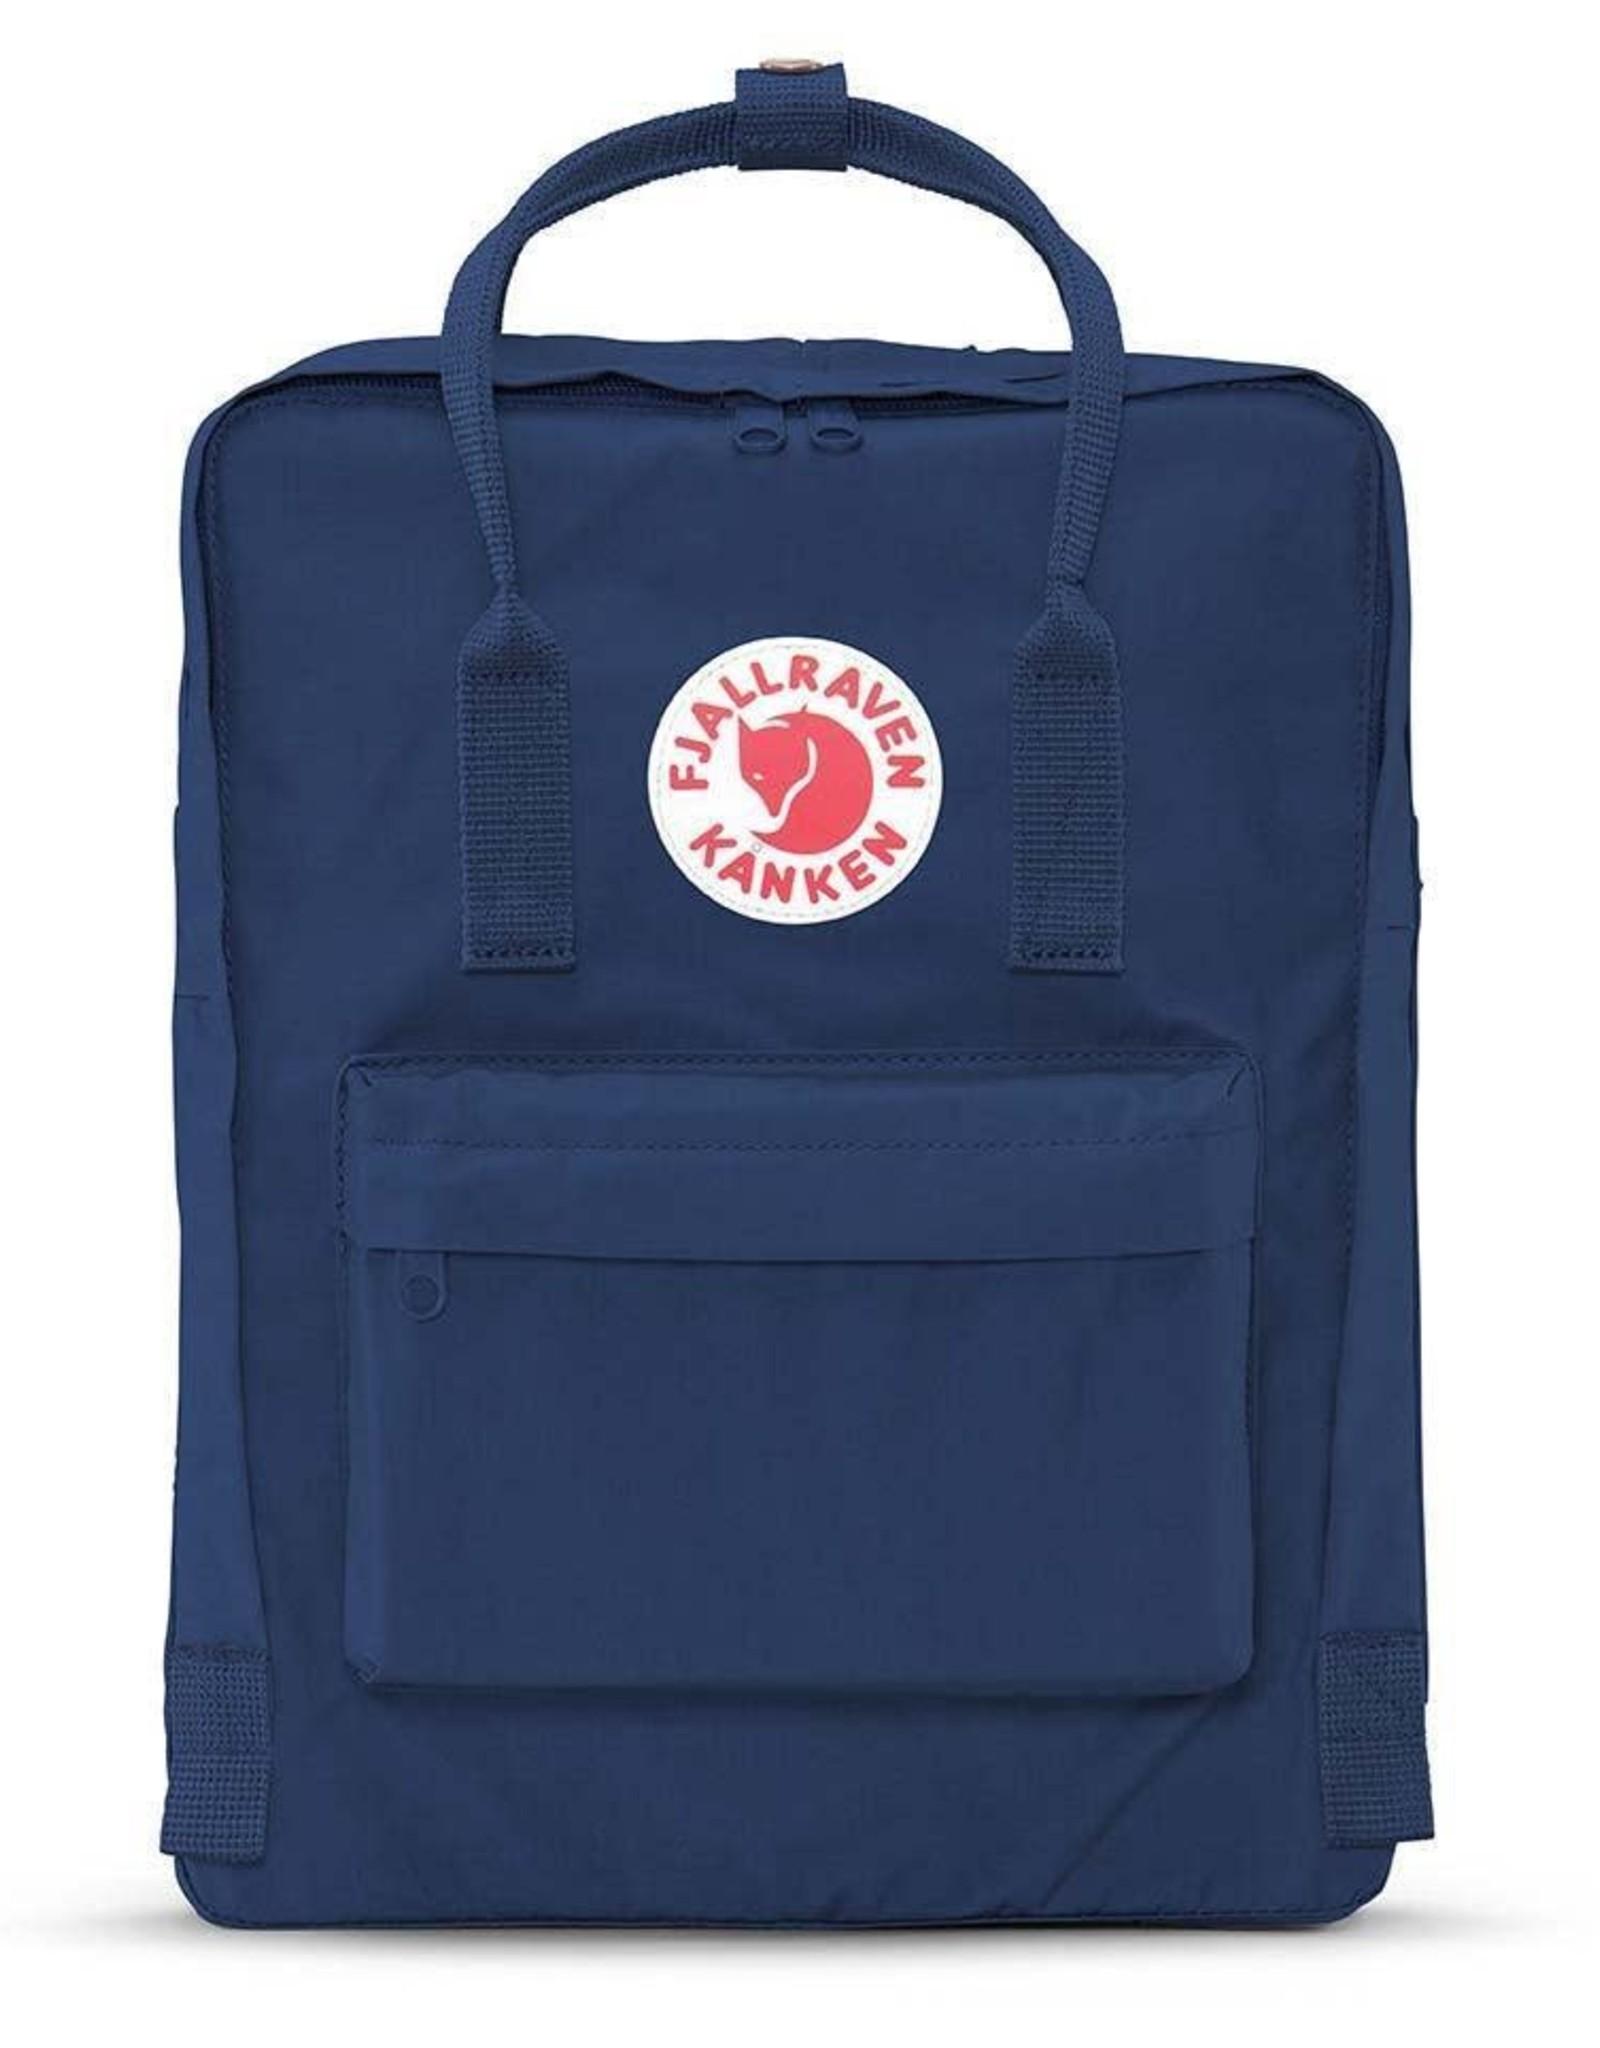 FJALL RAVEN KANKEN backpack, Royal Blue